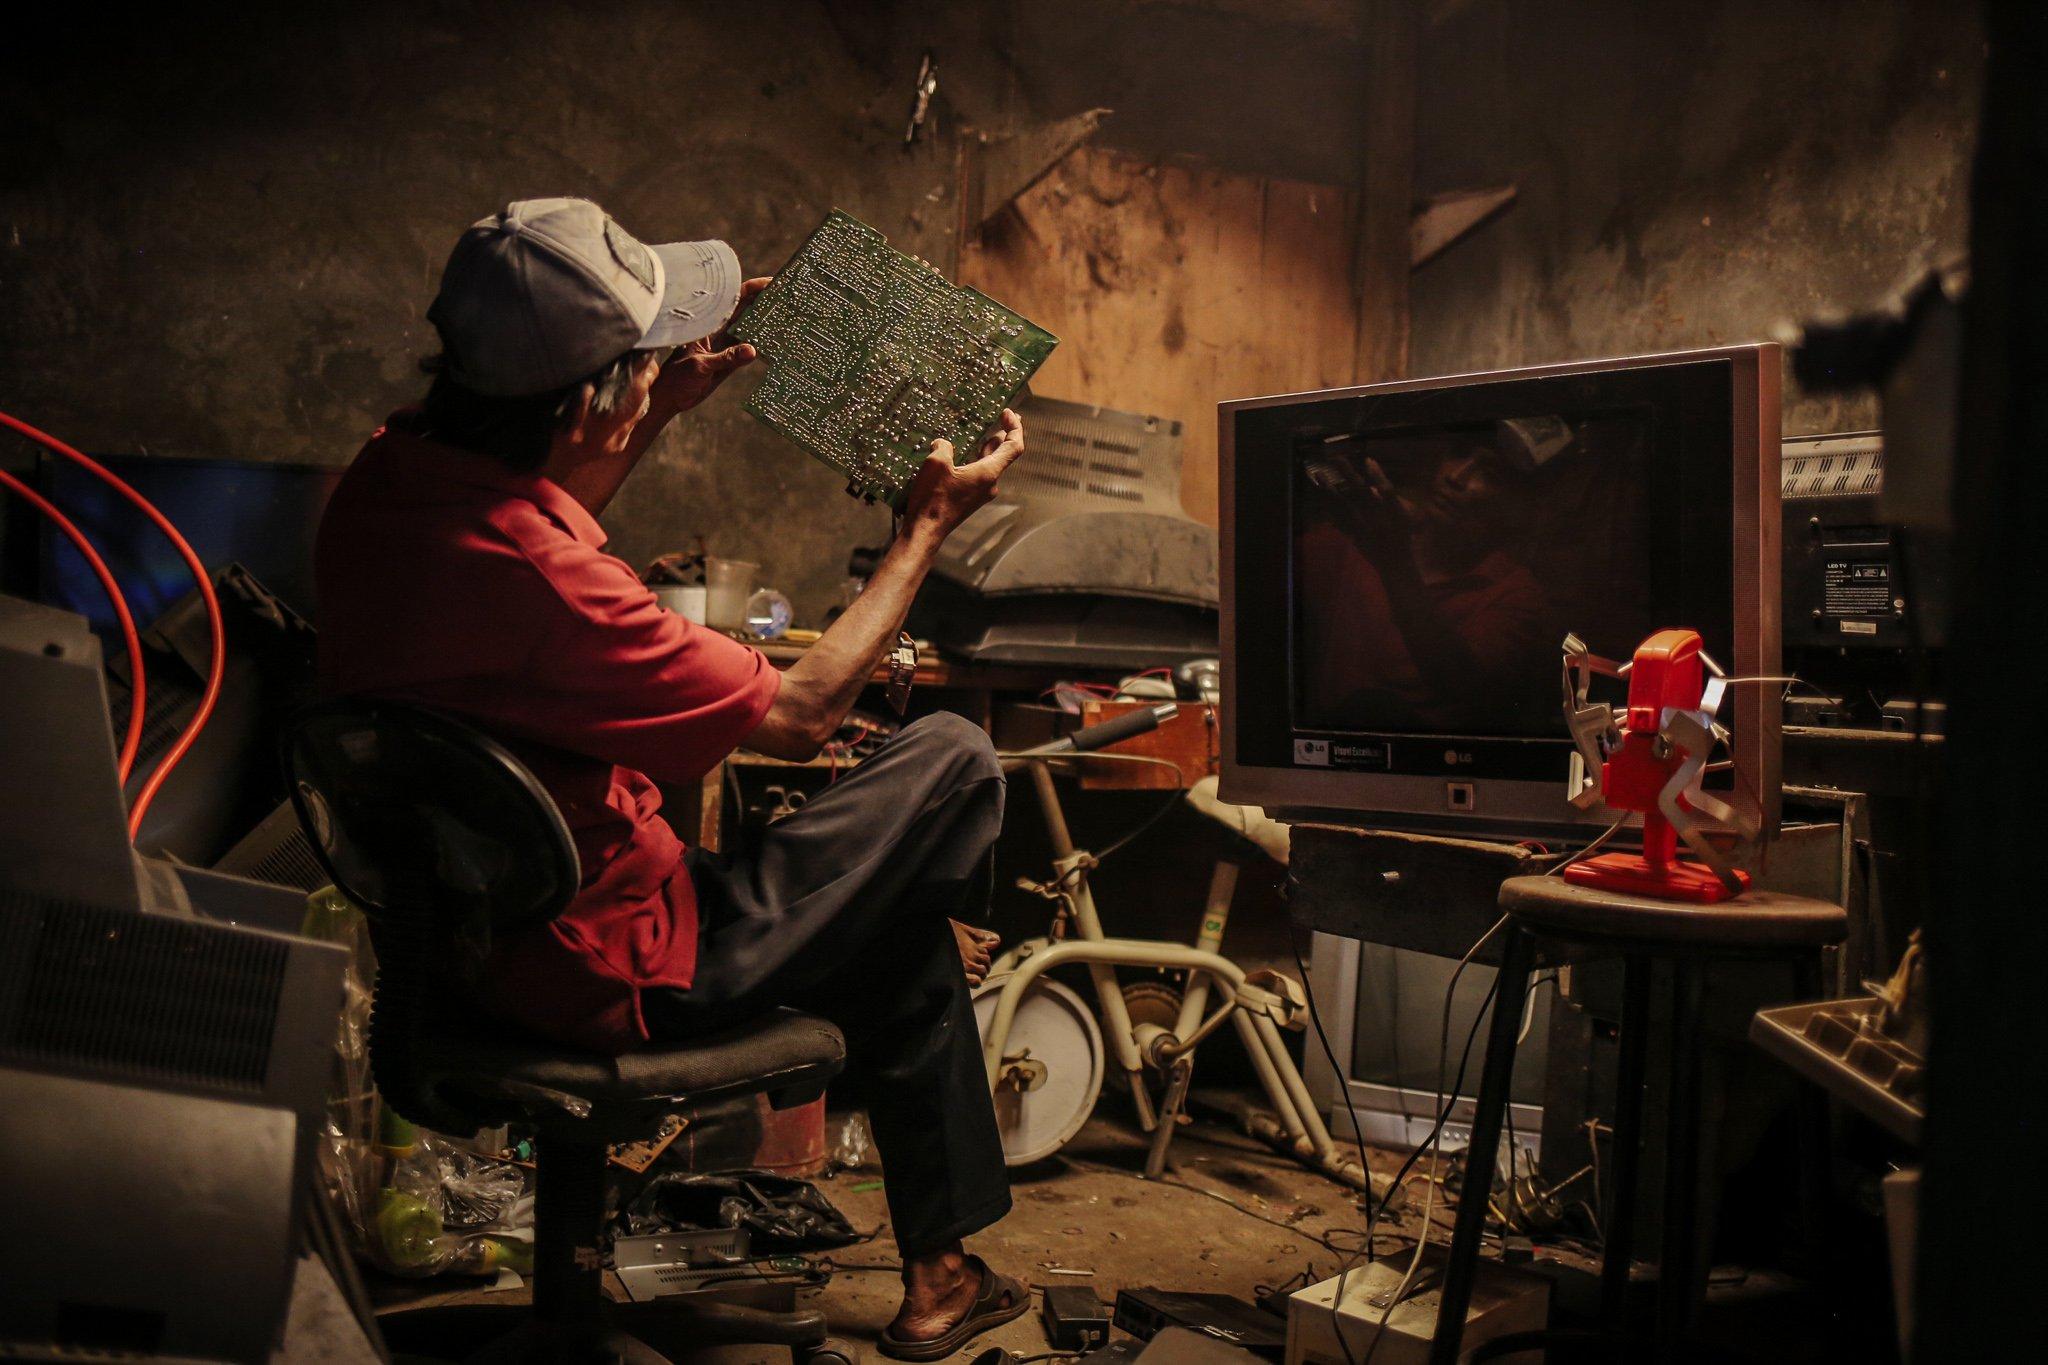 Pekerja mereparasi TV tabung di dalam ruang servis di Mal Rongsok Beji, Depok, Jawa Barat, Jumat, (17/9/2021).Untuk mengurangi peningkatan limbah eletronik Nurcholis Agi mengubahanya menjadi barang yang lebih bernilai dan bermanfaat.